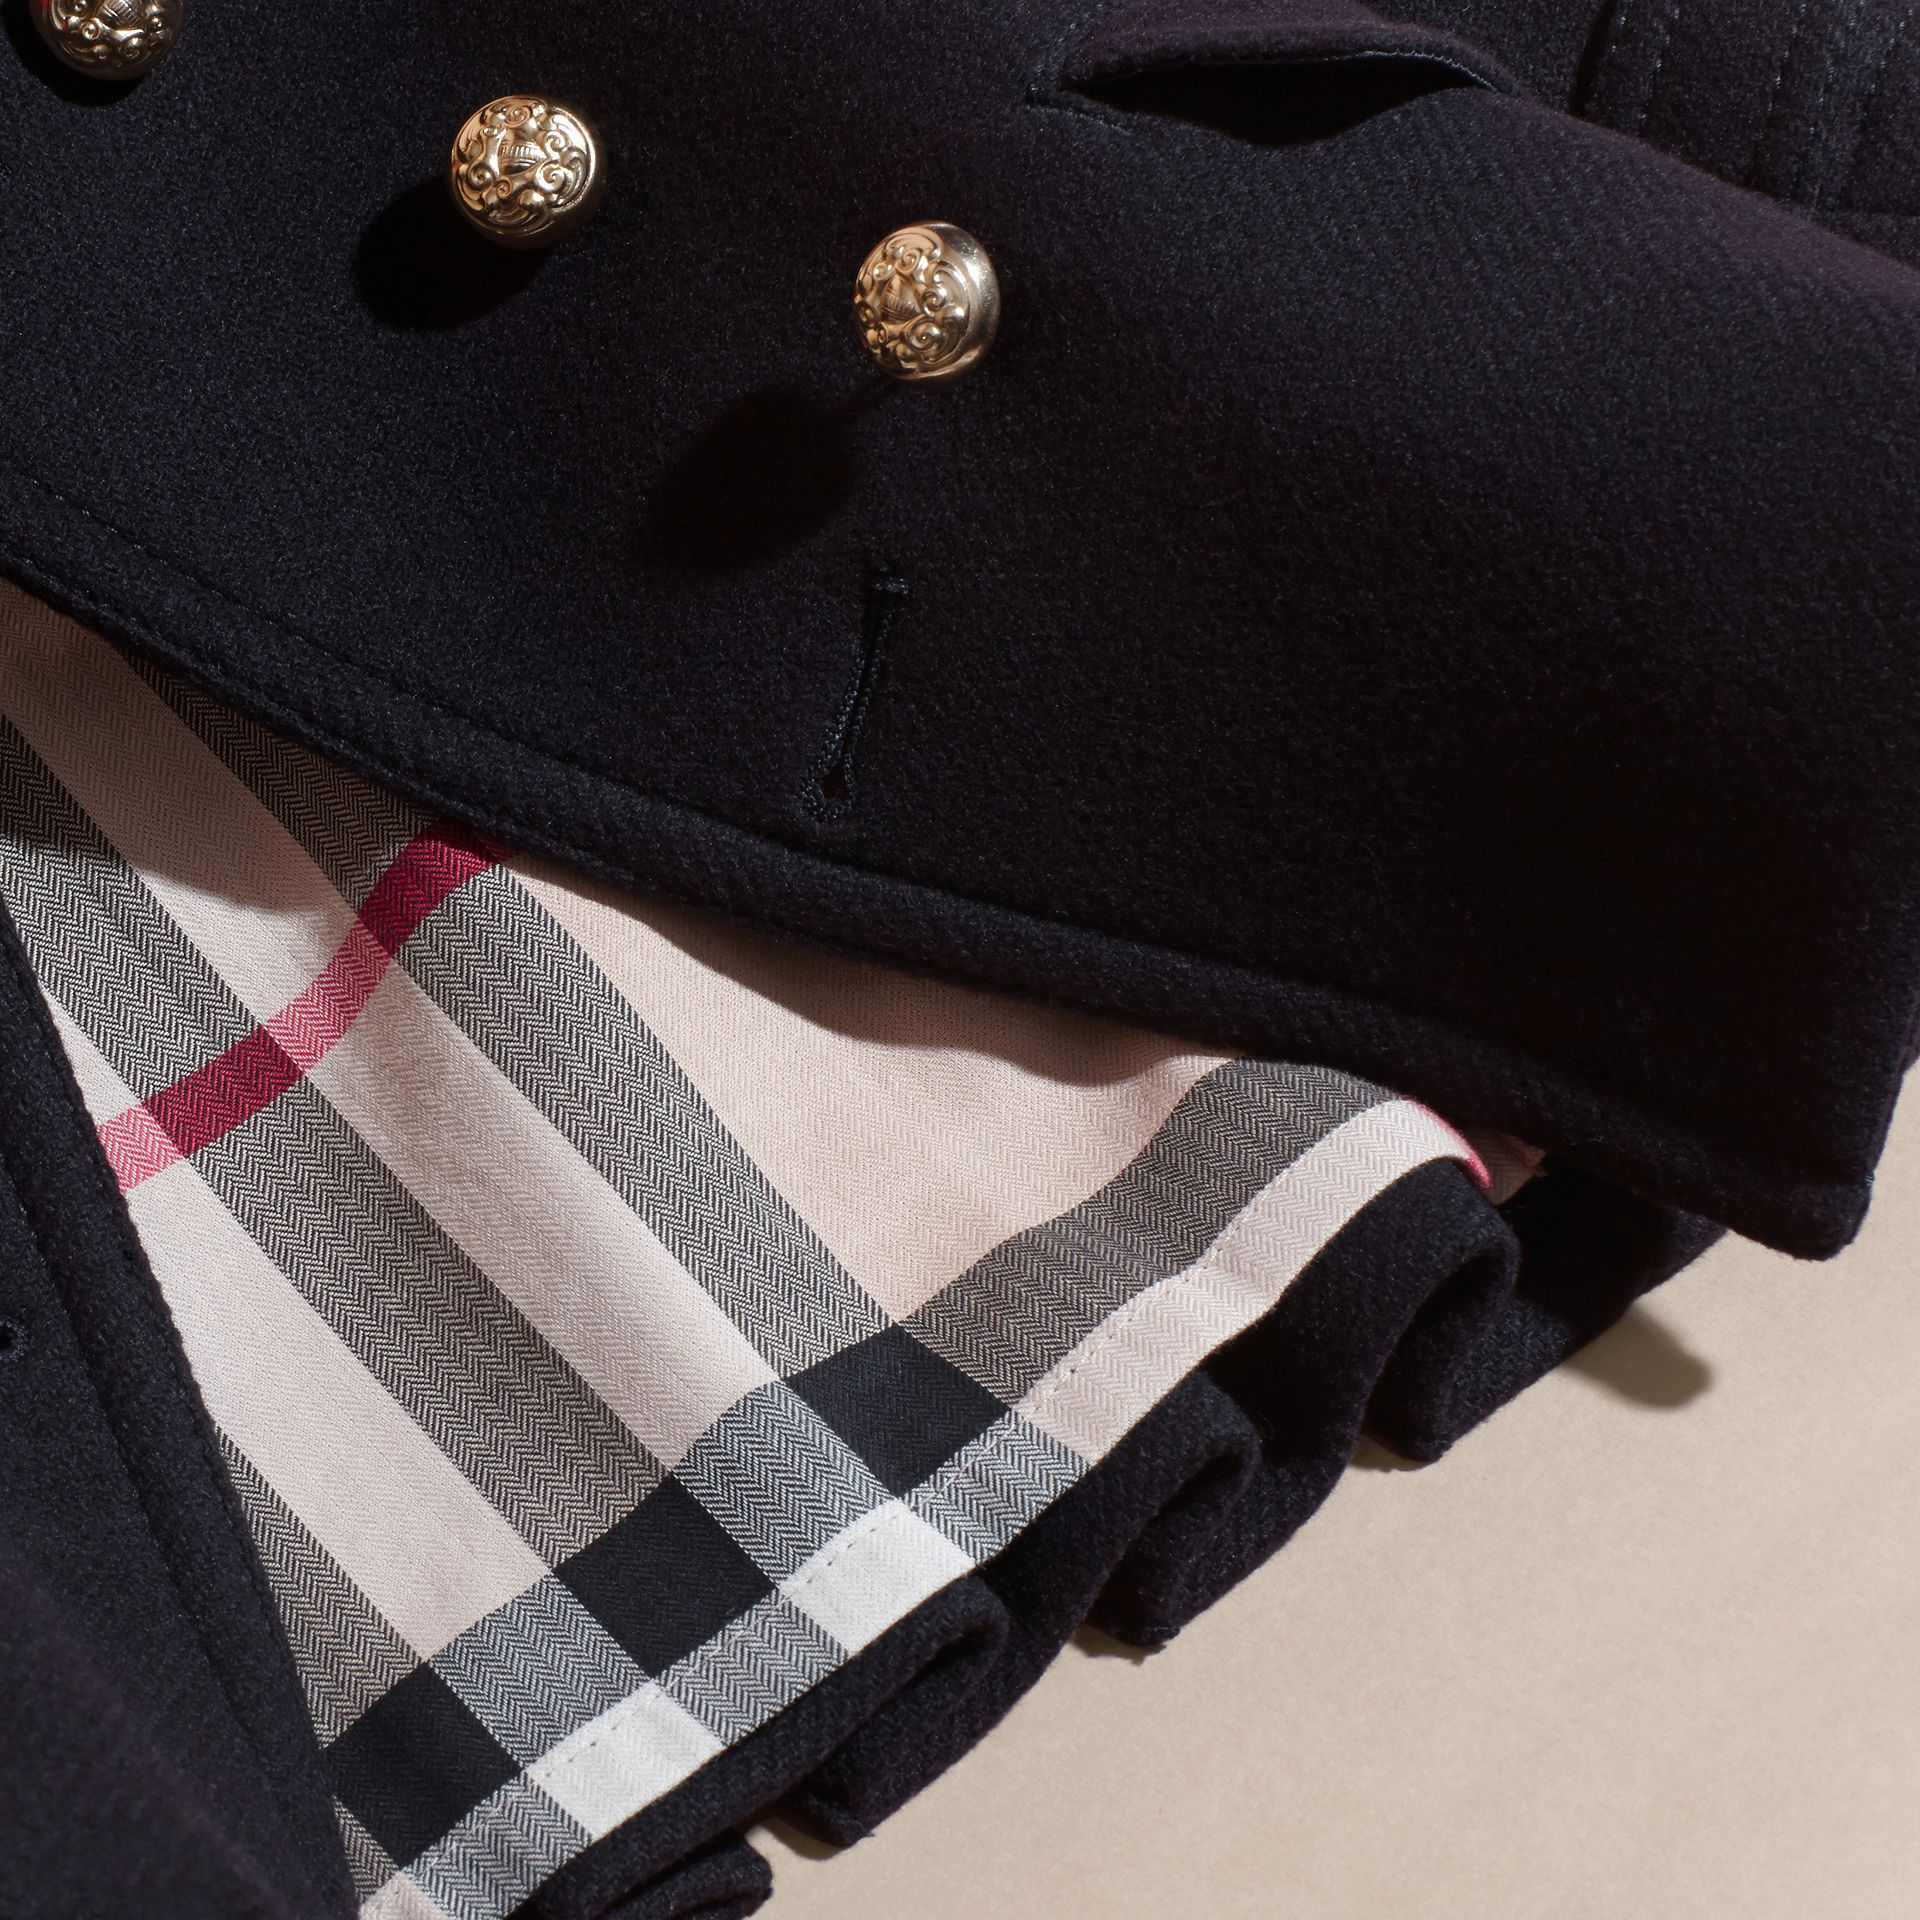 Azul marino Abrigo marinero militar en mezcla de lana y cachemir con detalles plisados - imagen de la galería 6